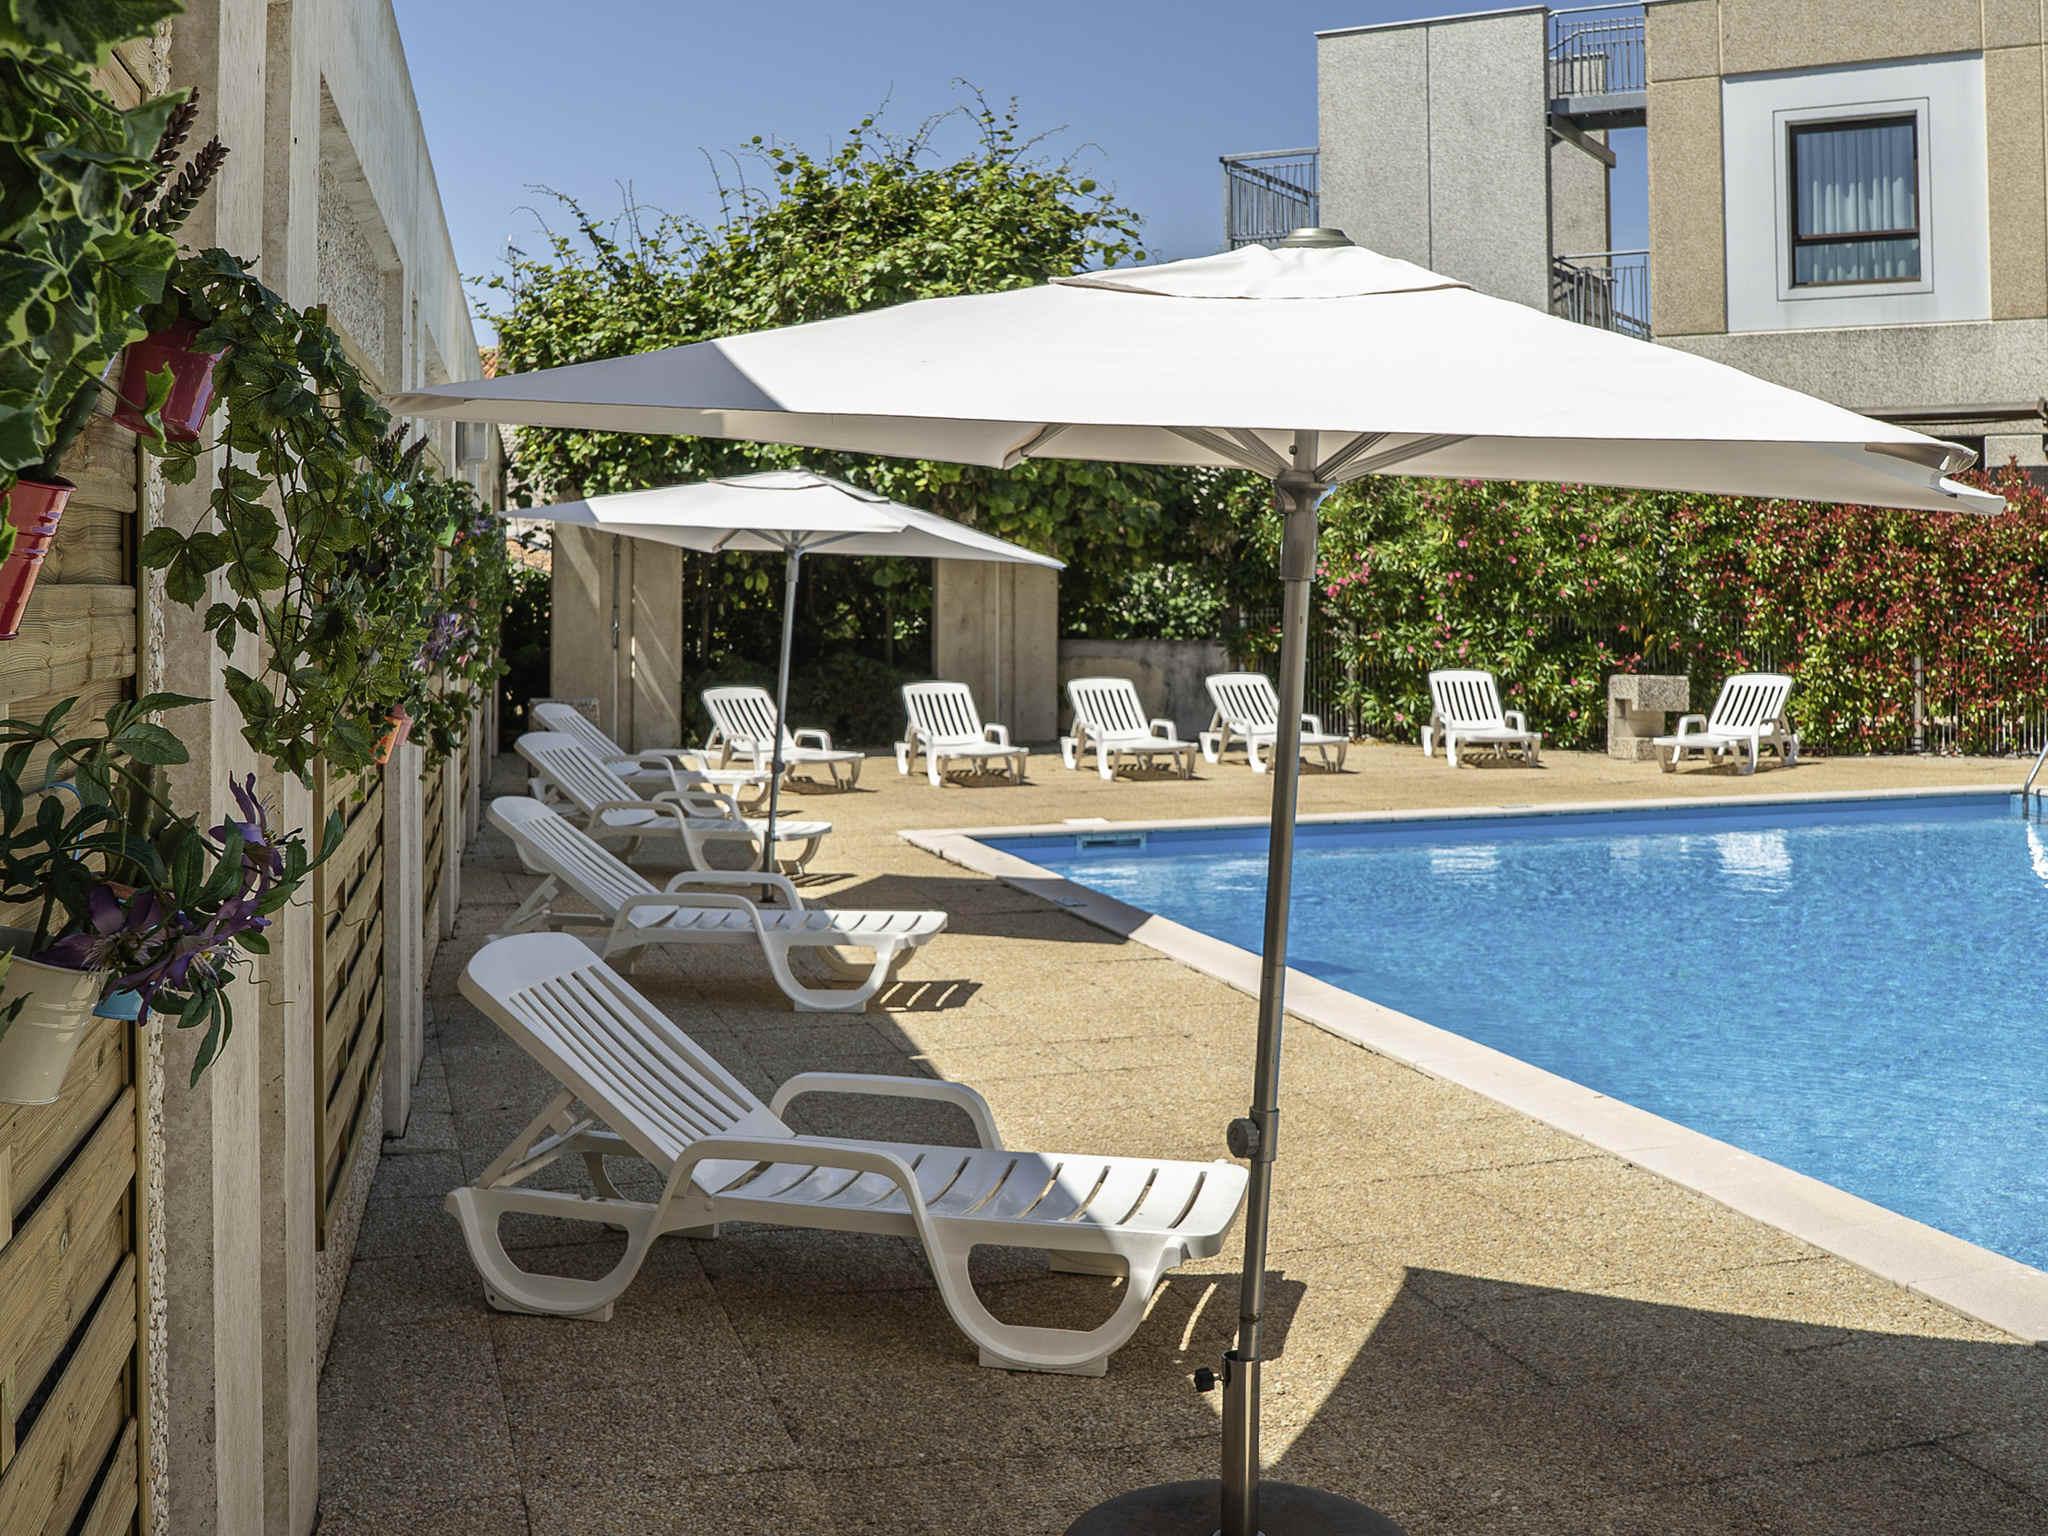 Hotel - Mercure Niort Marais Poitevin Hotel